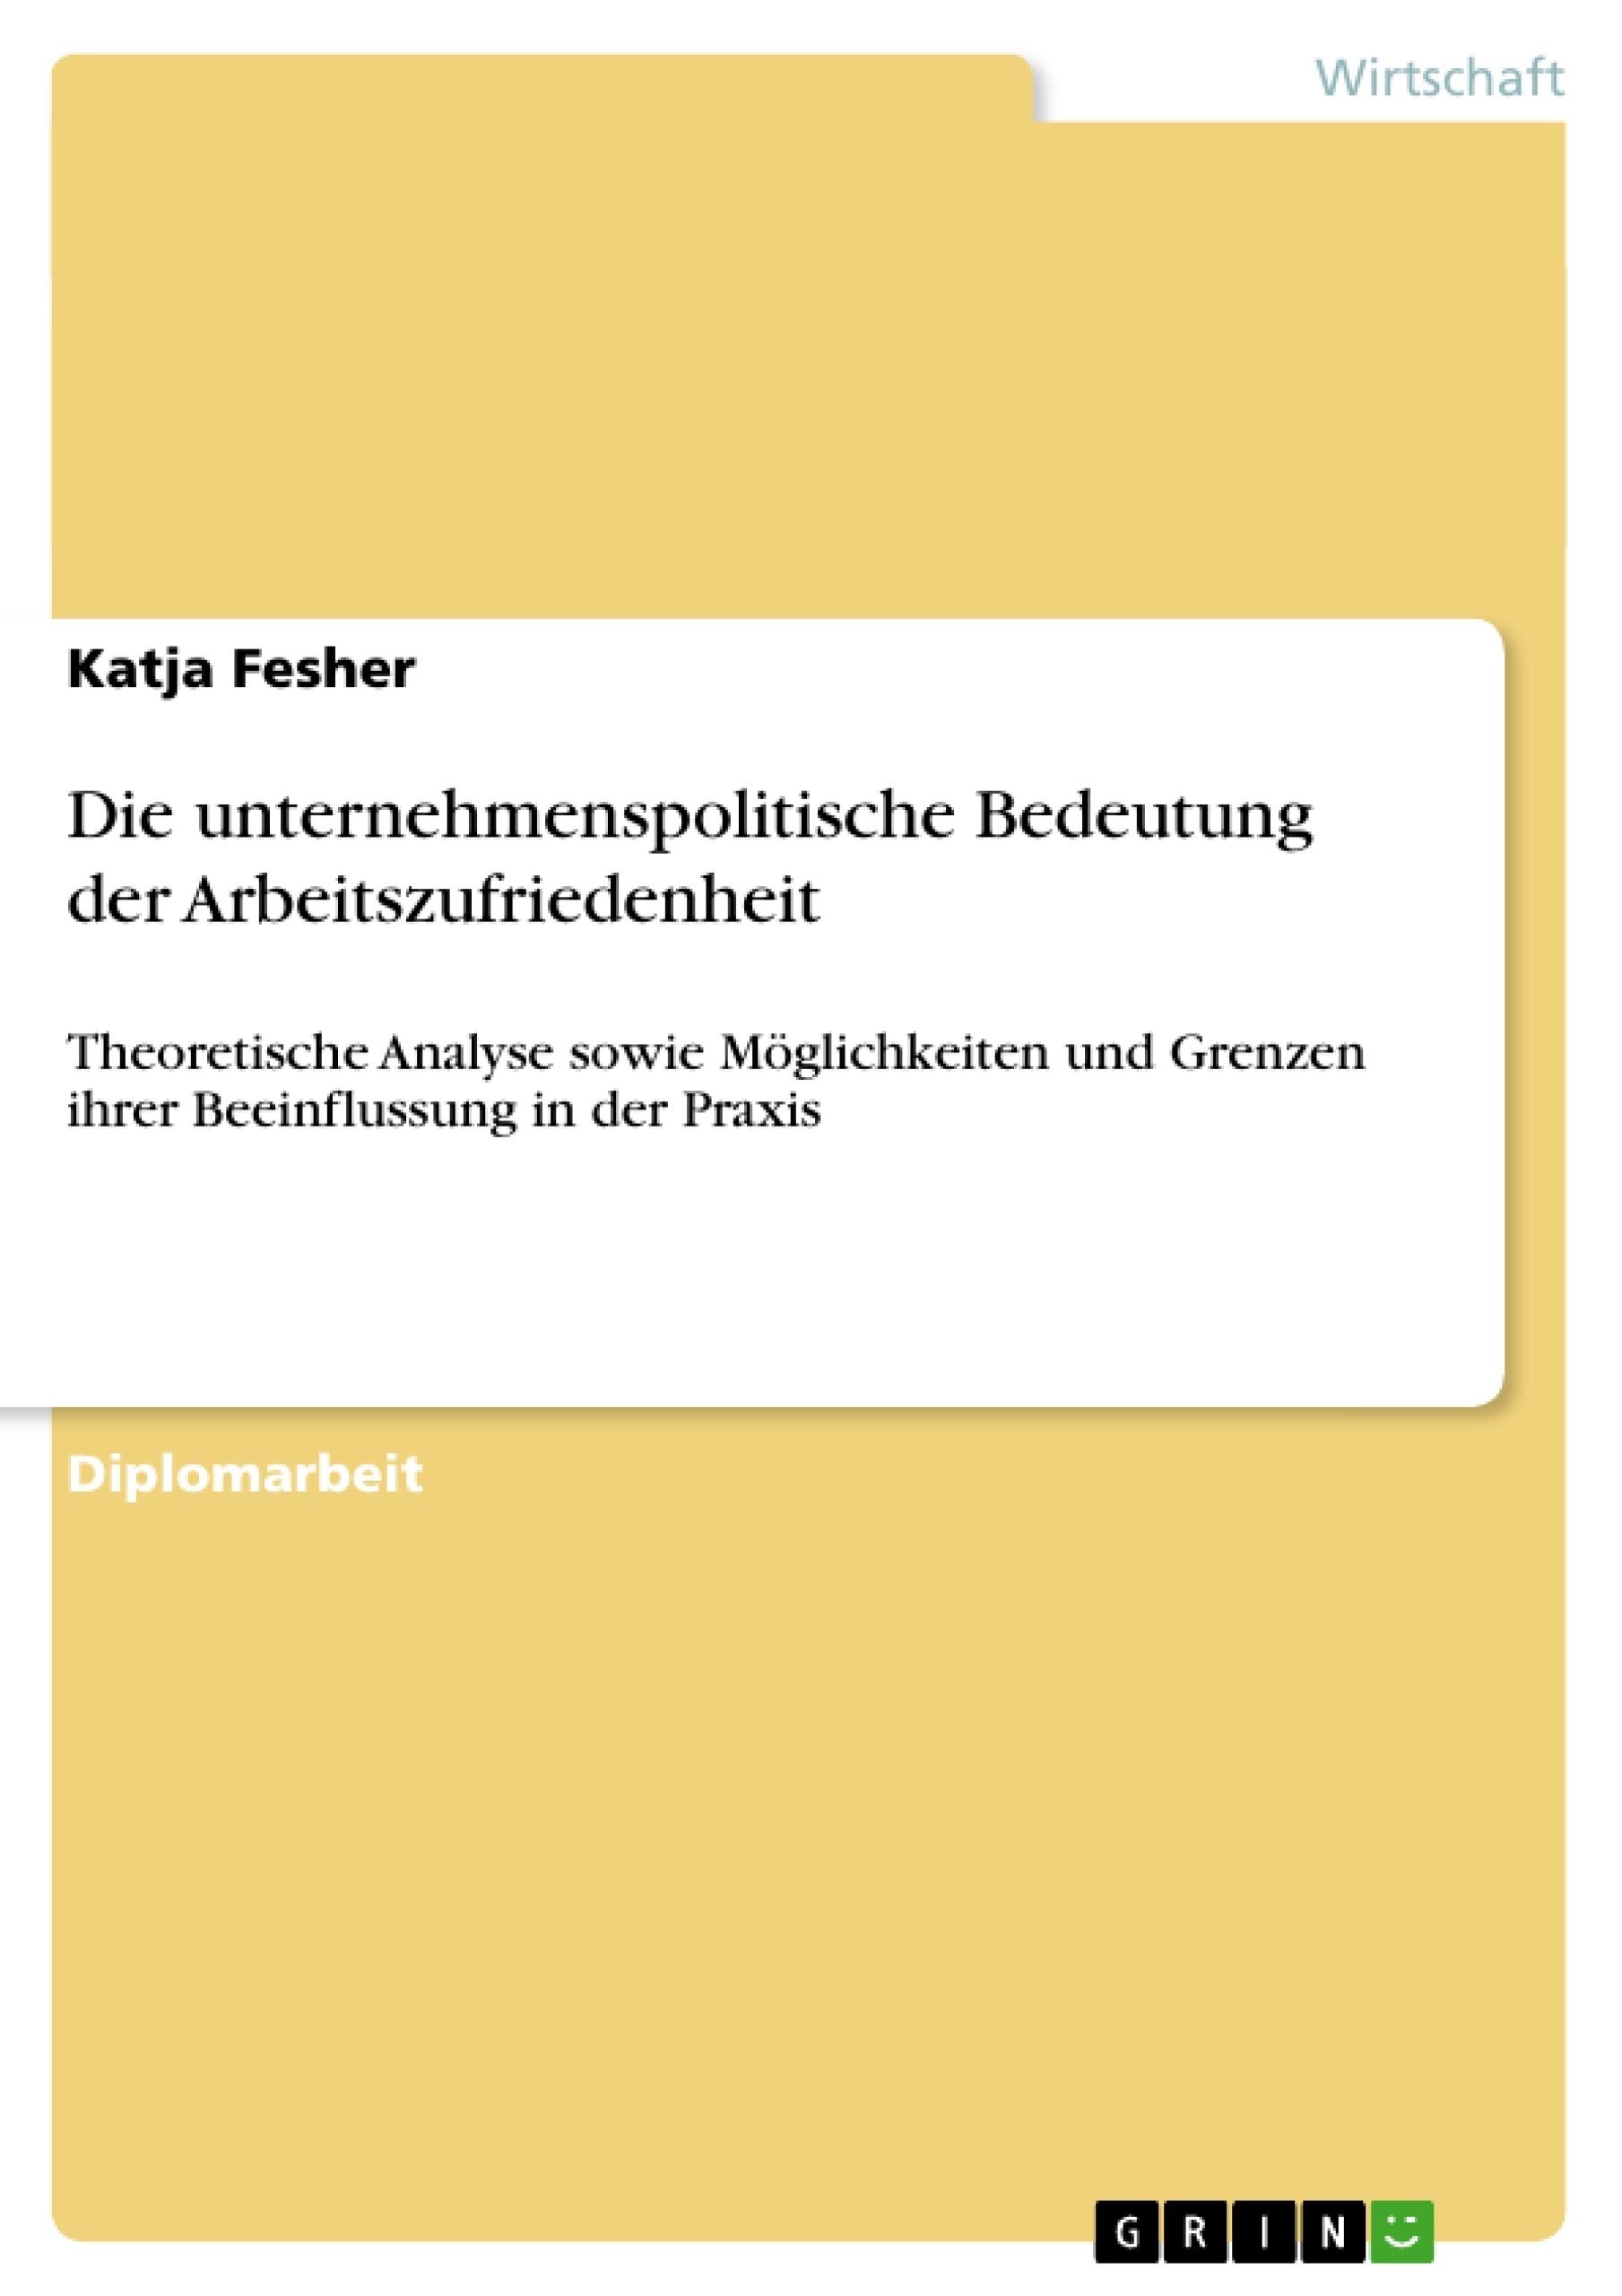 Titel: Die unternehmenspolitische Bedeutung der Arbeitszufriedenheit